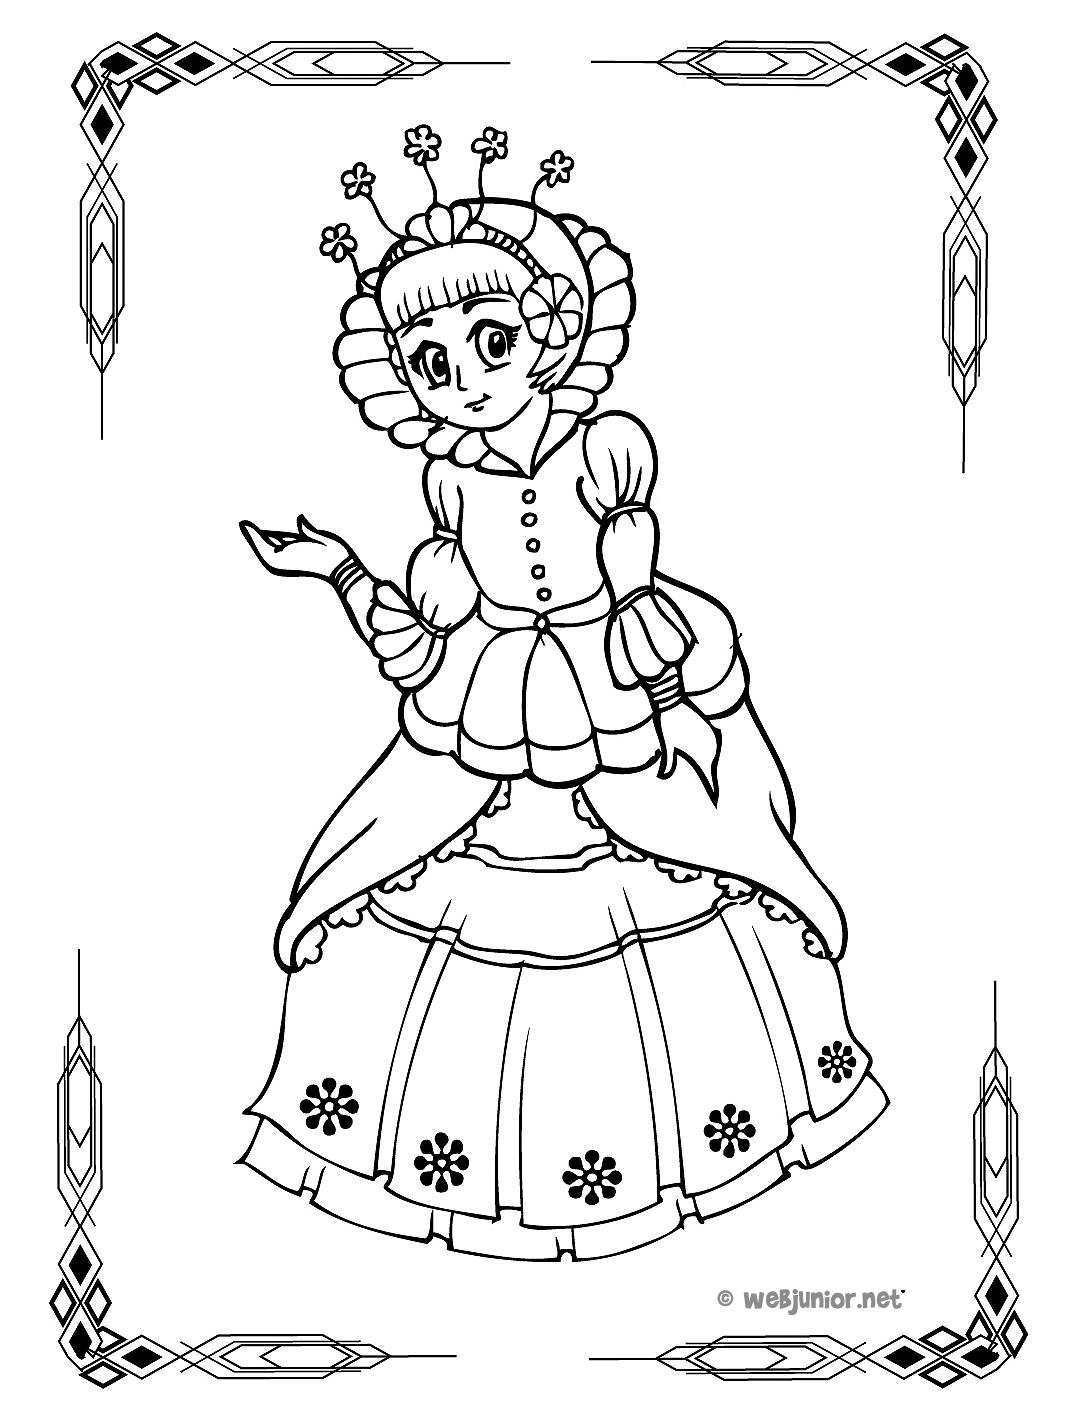 Une Jolie Princesse : Coloriage Princesses Gratuit Sur Webjunior destiné Dessin Chateau Princesse